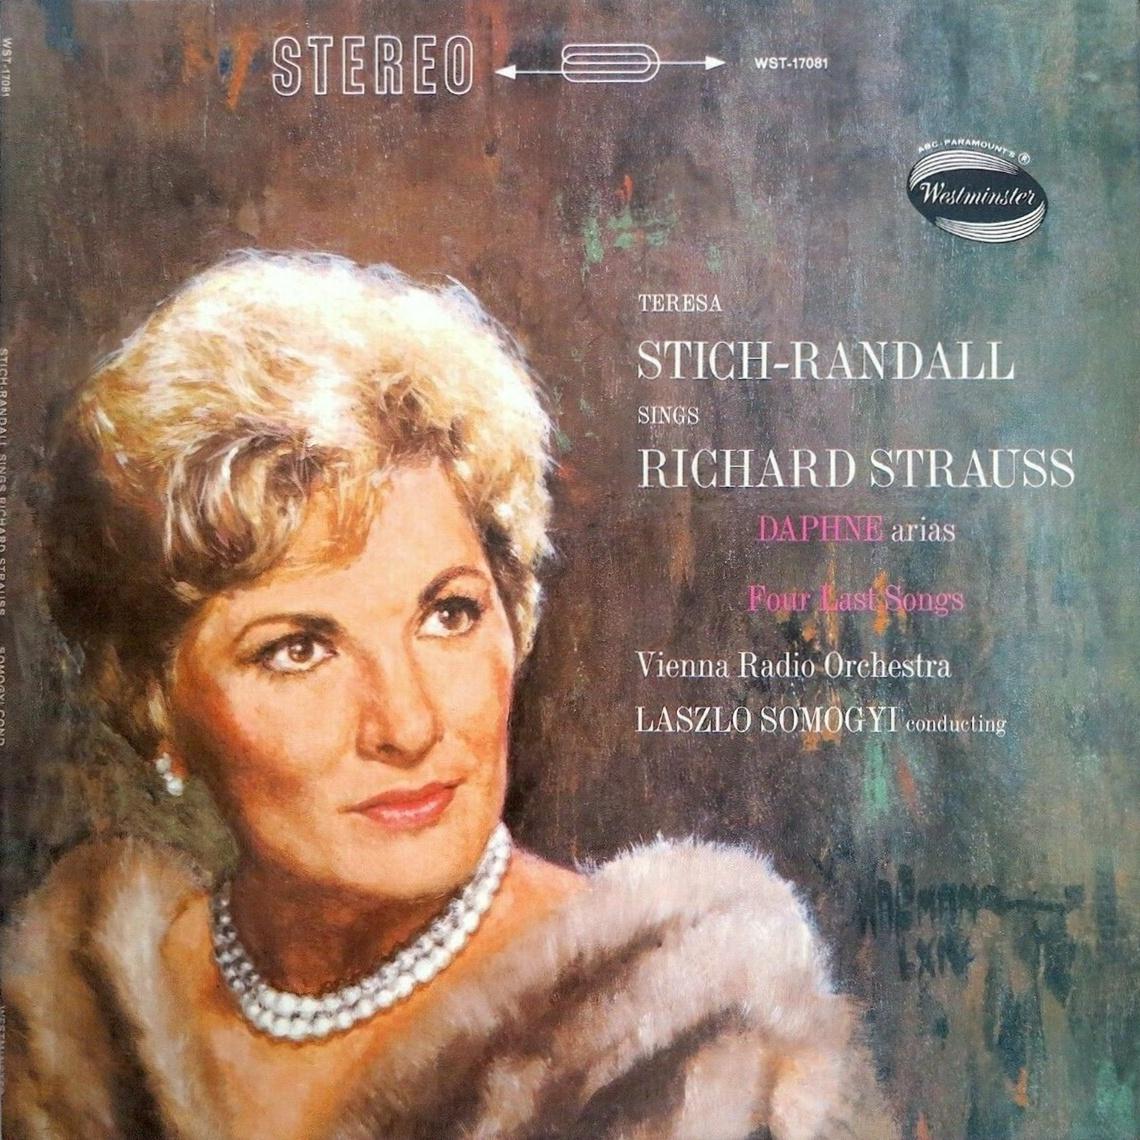 Teresa STICH-RANDALL sur le recto de la pochette du disque Westminster WST 17081